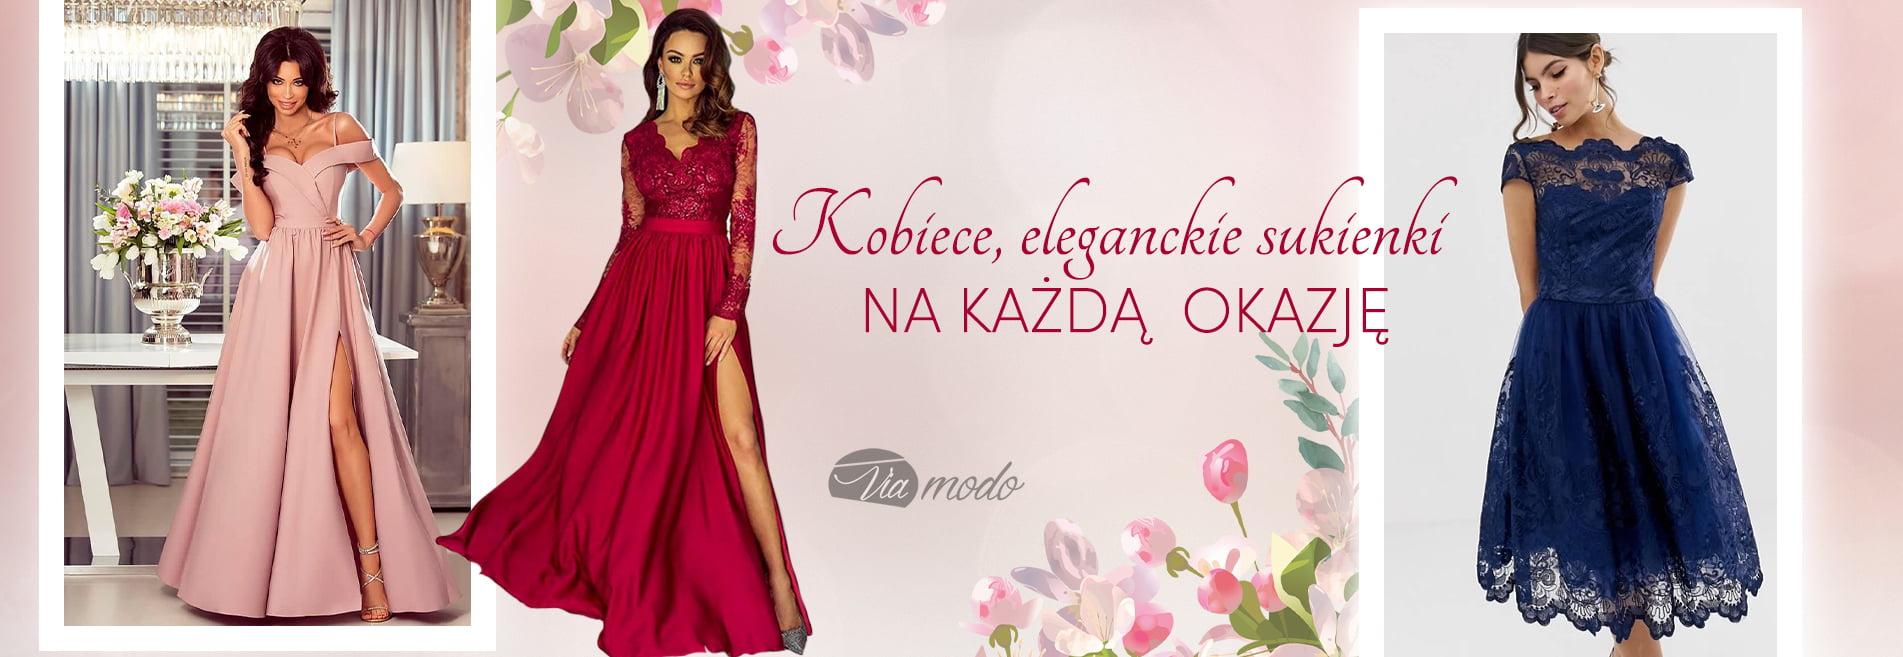 Eleganckie sukienki Wieczorowe i na Wesele